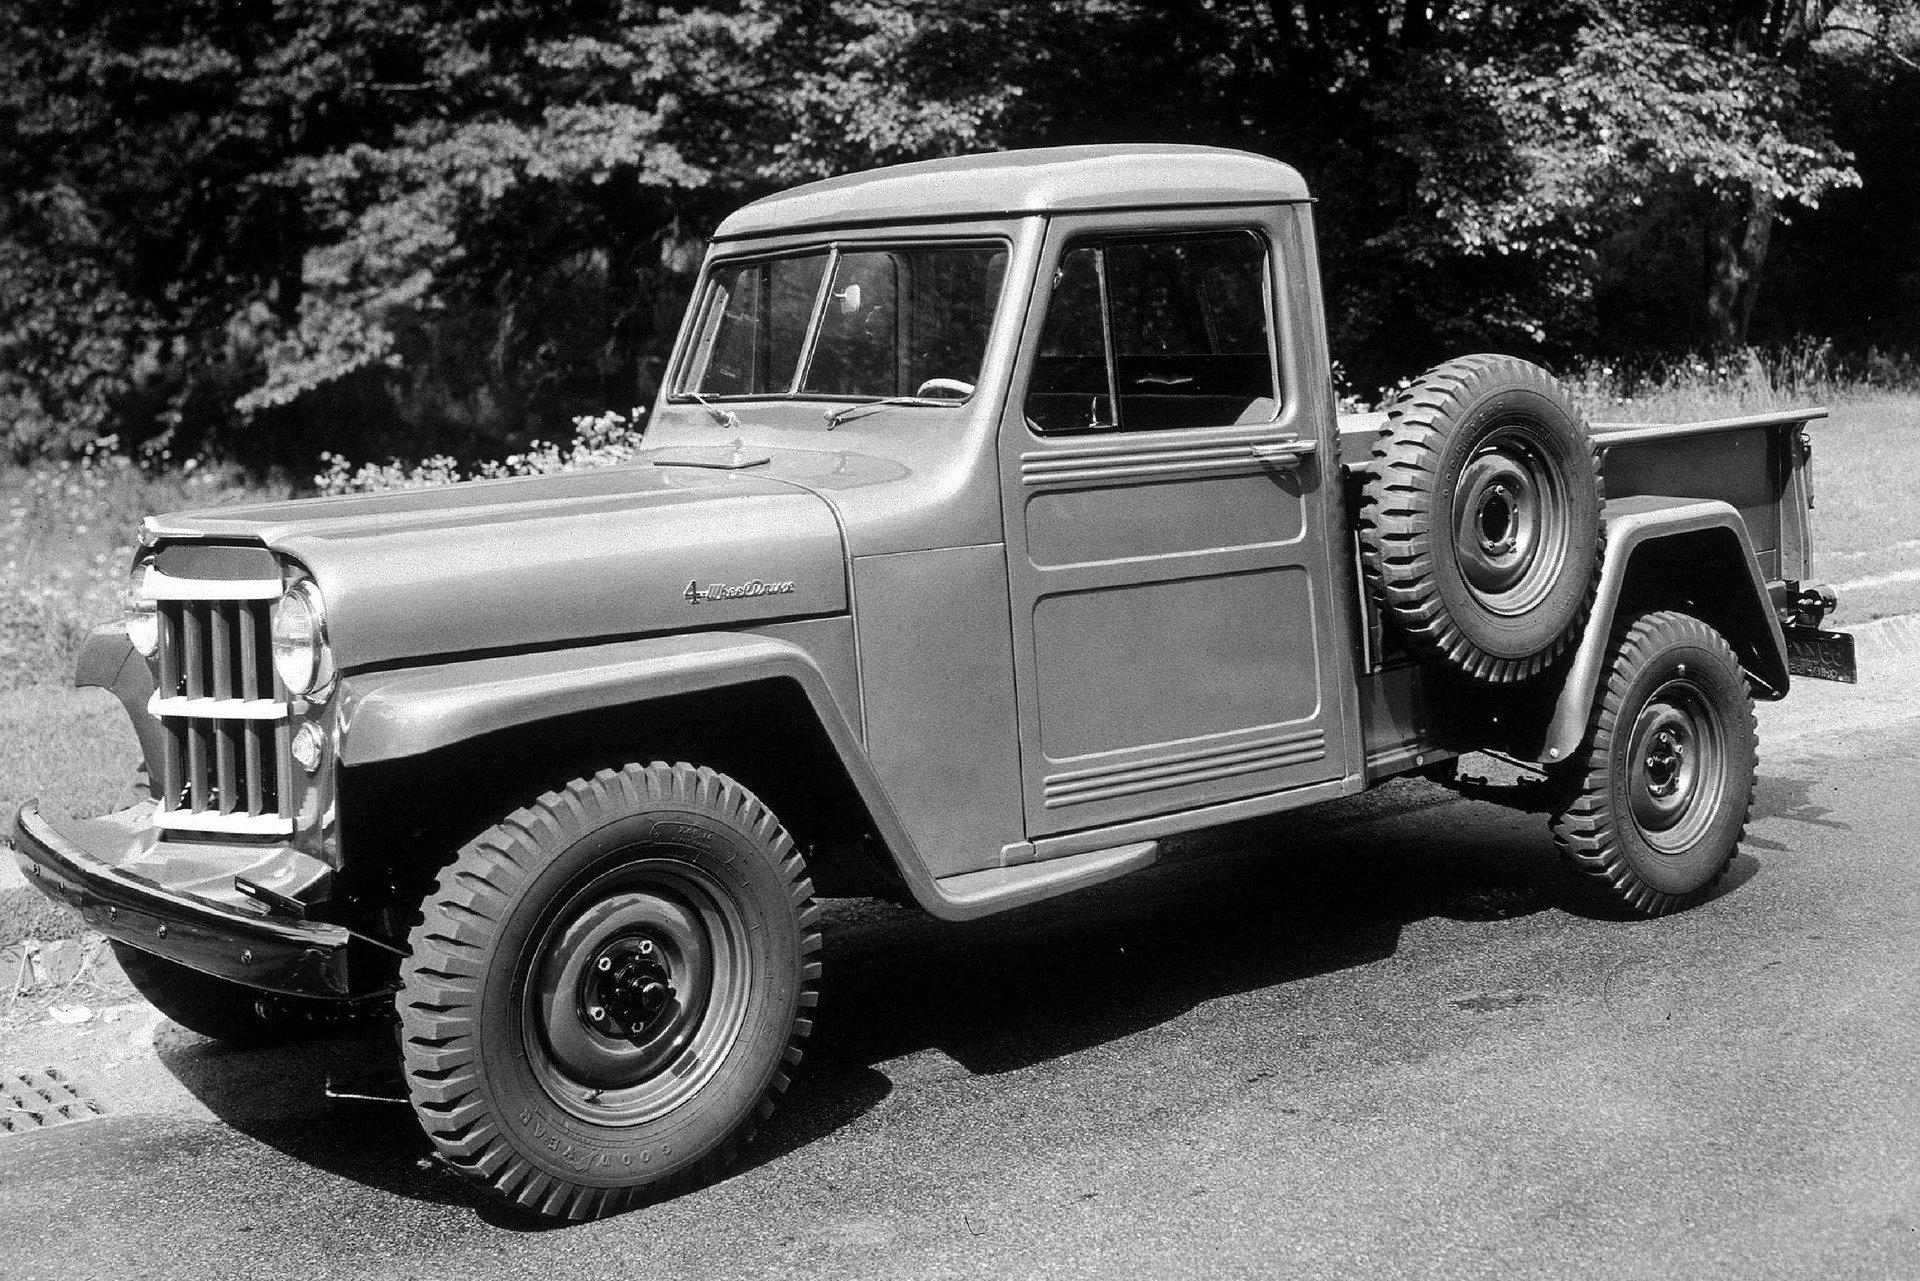 Jeep Gladiator 2019 (218)